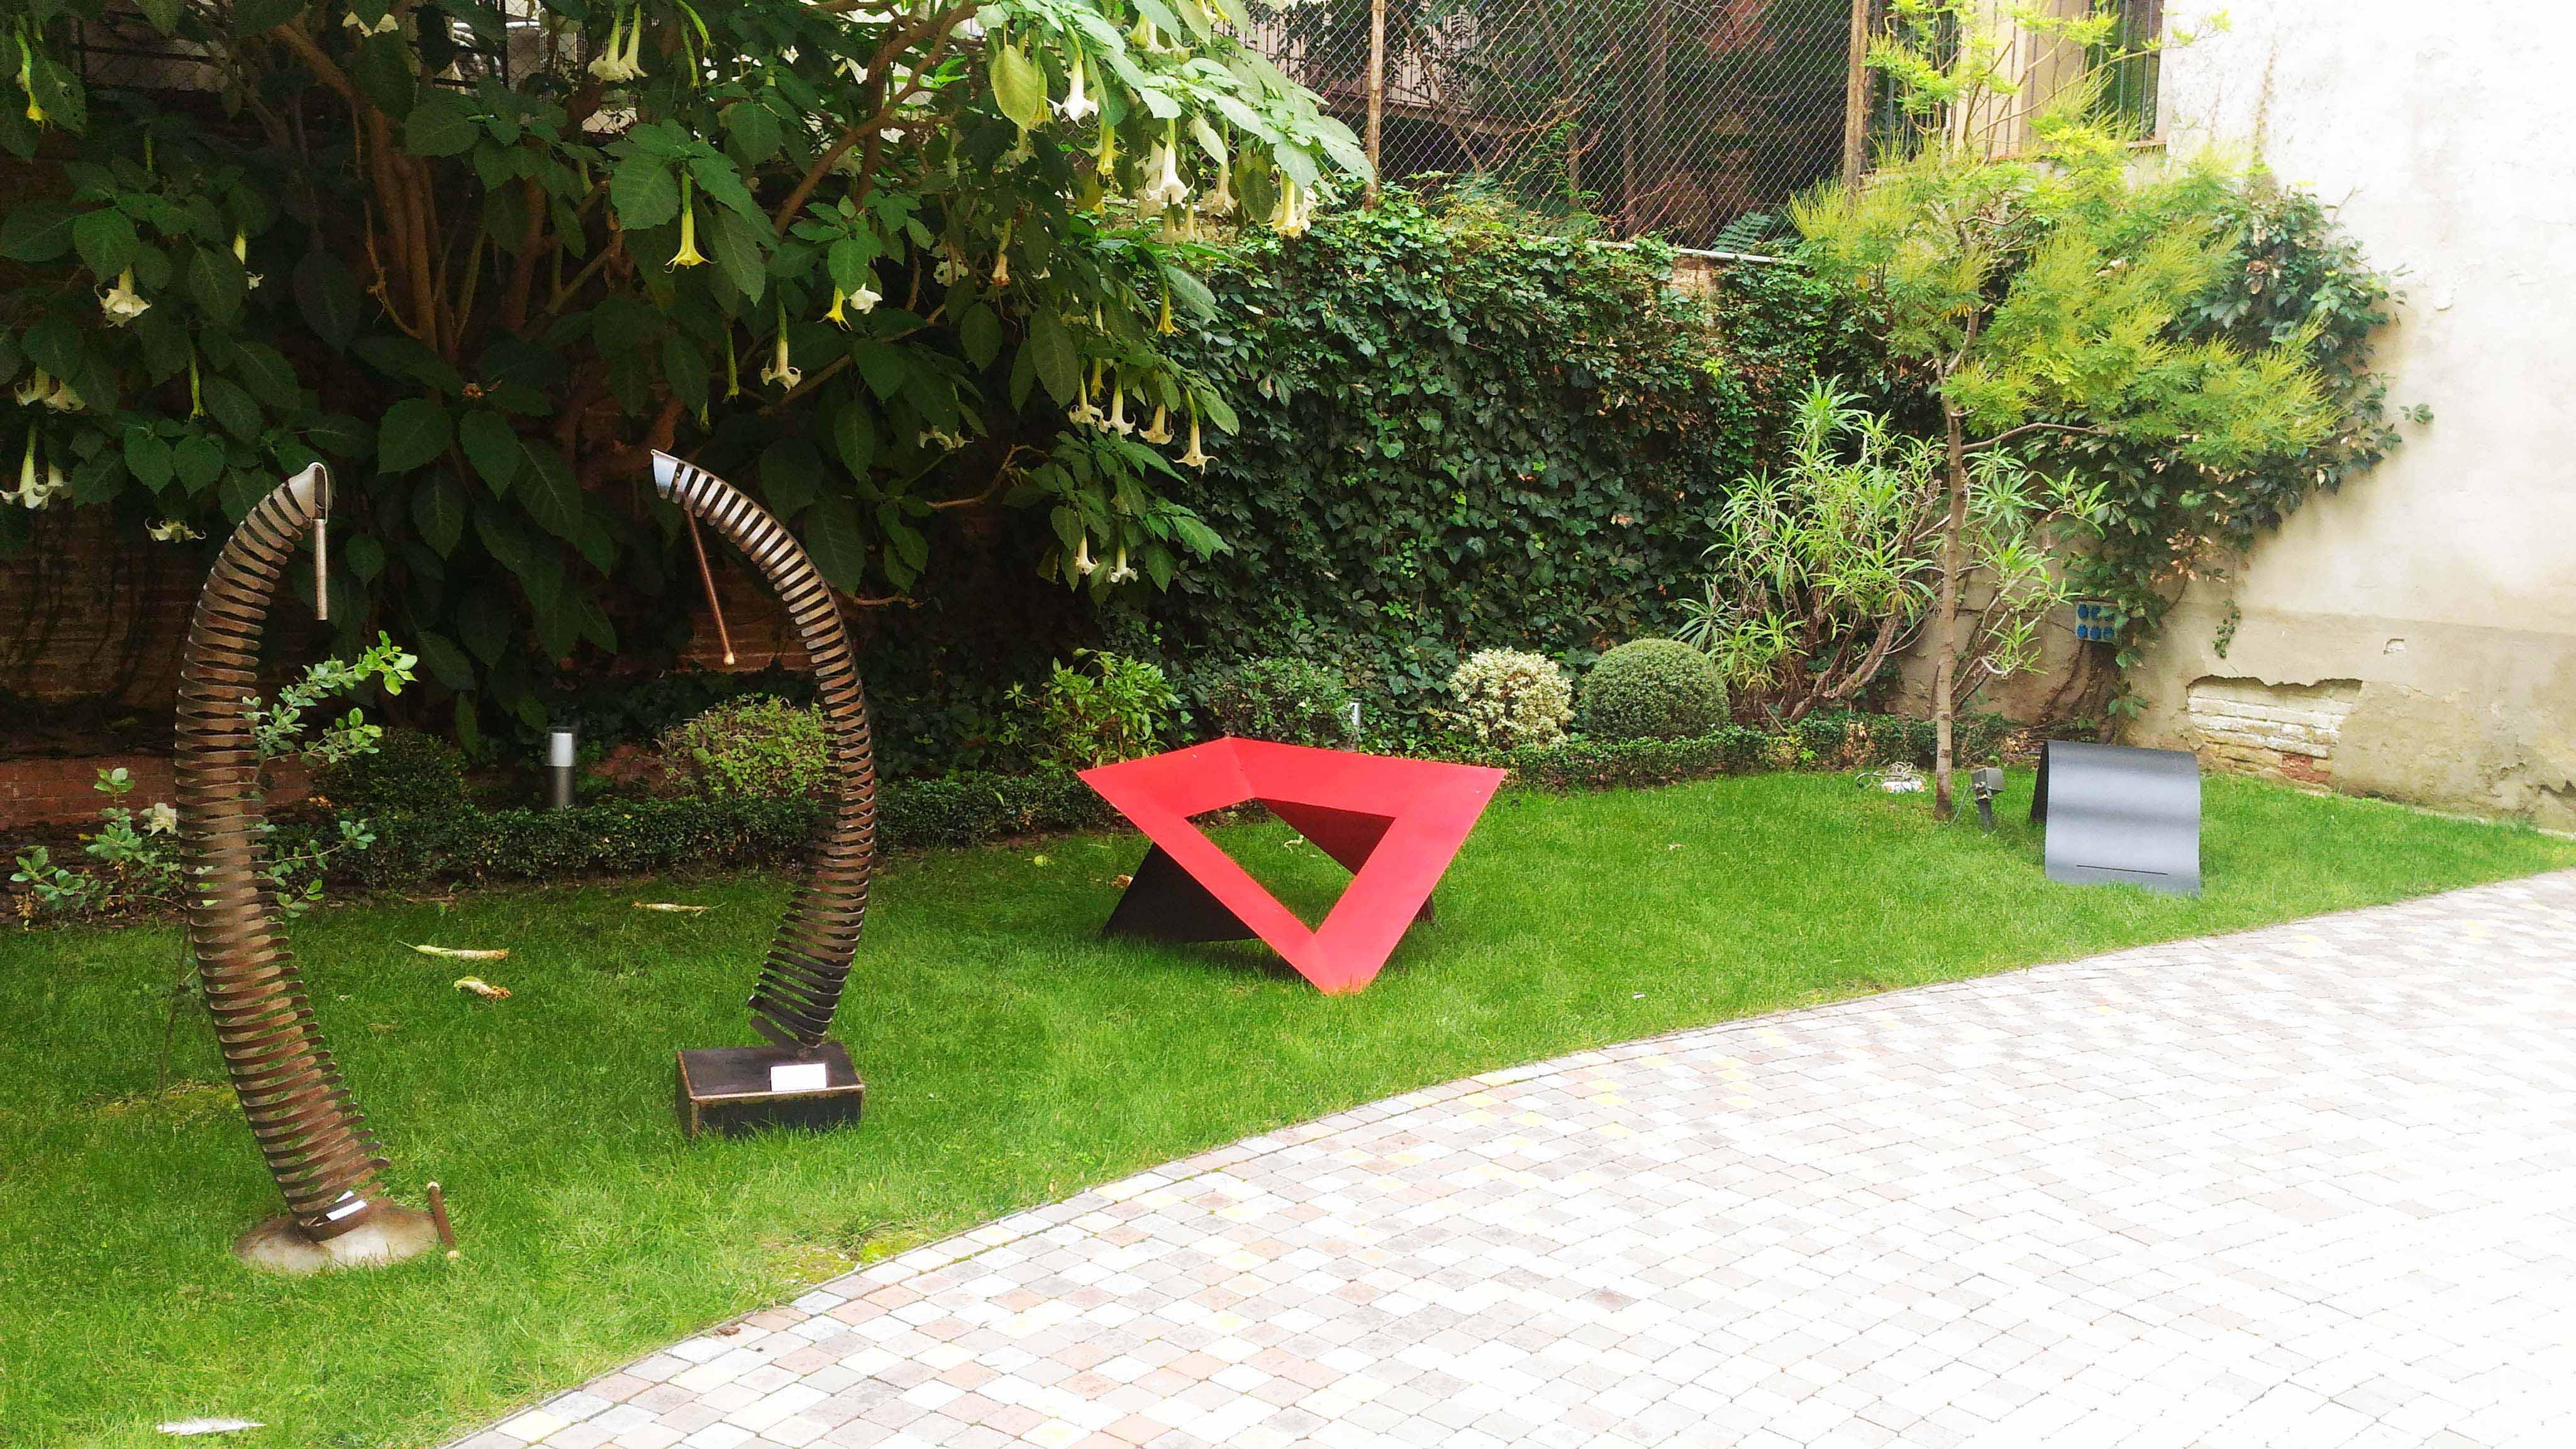 Evento ARTOUR-O il MUST trará arte e design ao Funchal em Novembro